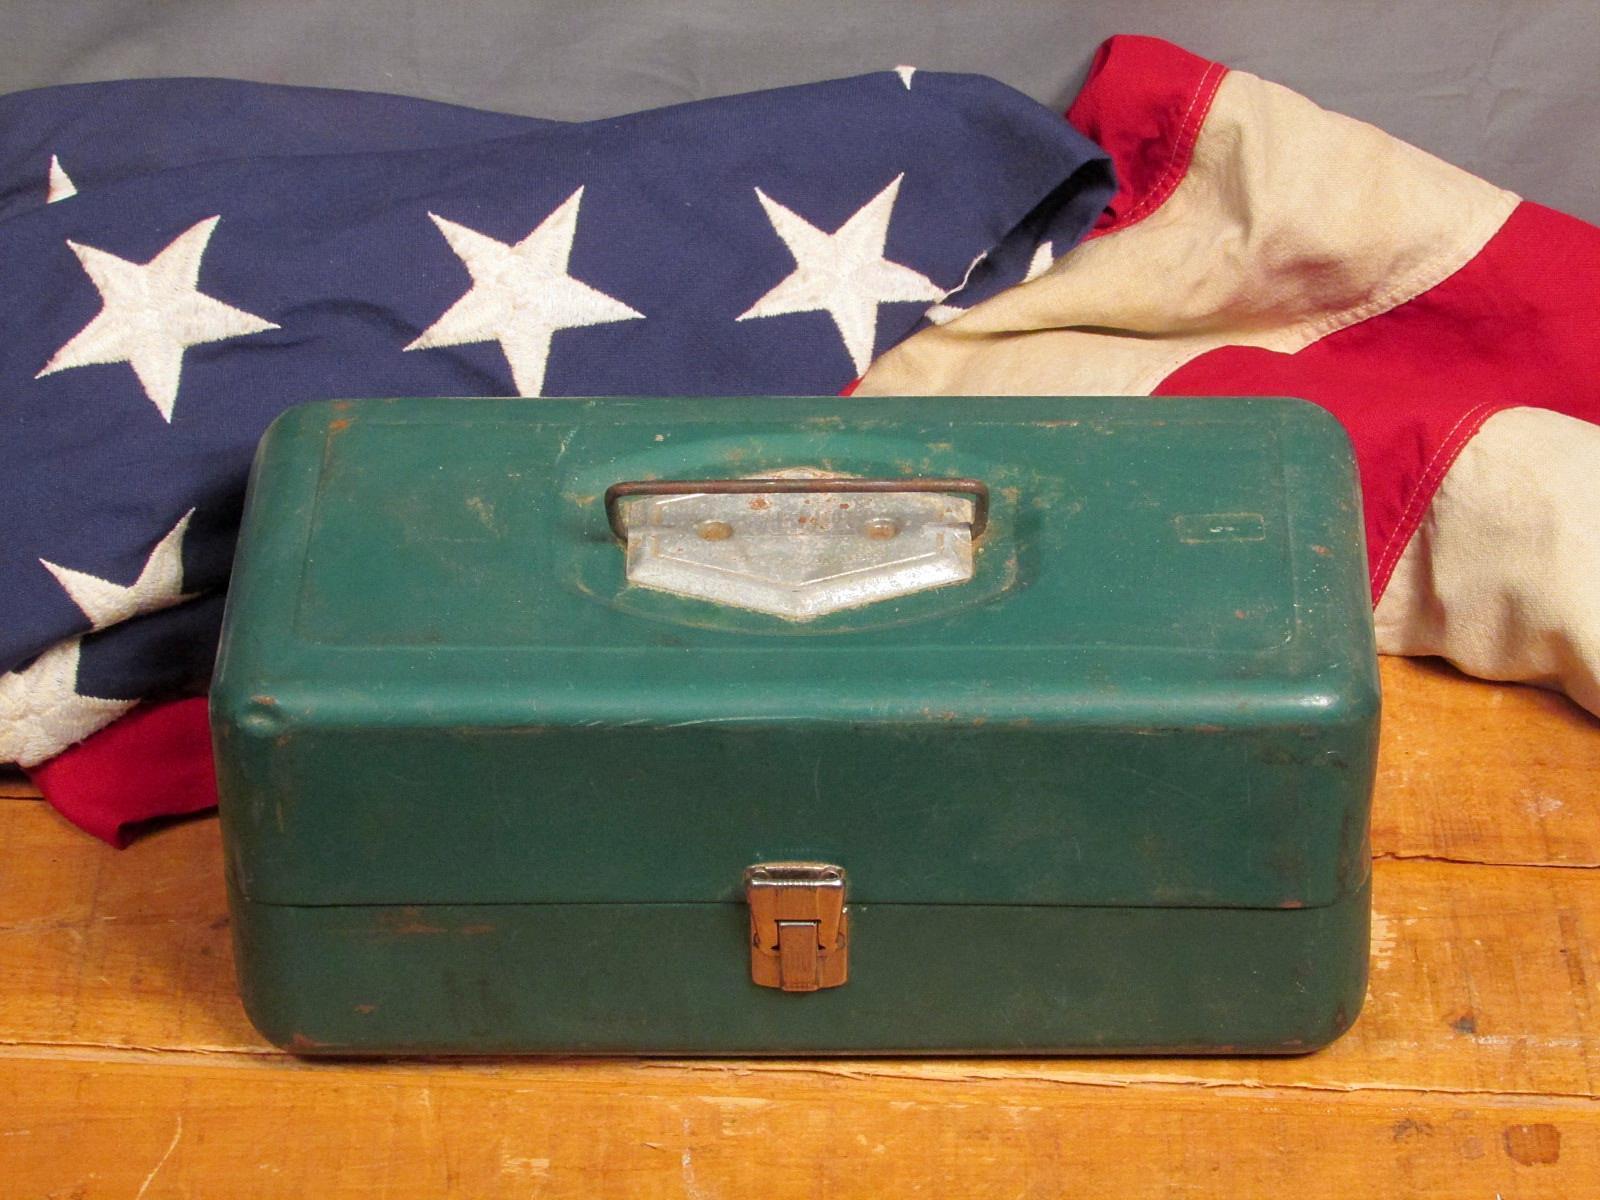 Vintage 1950s Victor Pesca Metal Caja De Pesca Con Señuelos Reels Plus Atco Lititz, PA